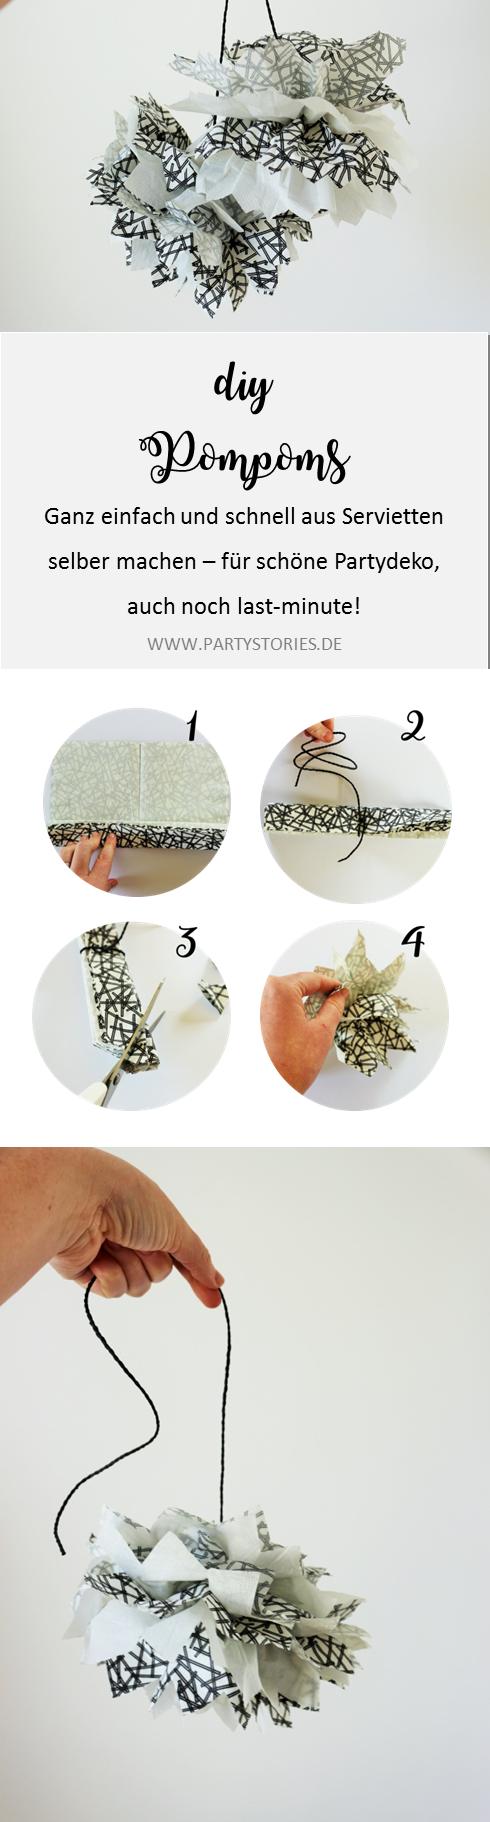 DIY PomPoms basteln - Mit dieser Schritt-für-Schritt Anleitung kannst Du PomPoms aus Servietten als Deko für die Party oder Hochzeit ganz einfach selber basteln; gefunden auf www.partystories.de